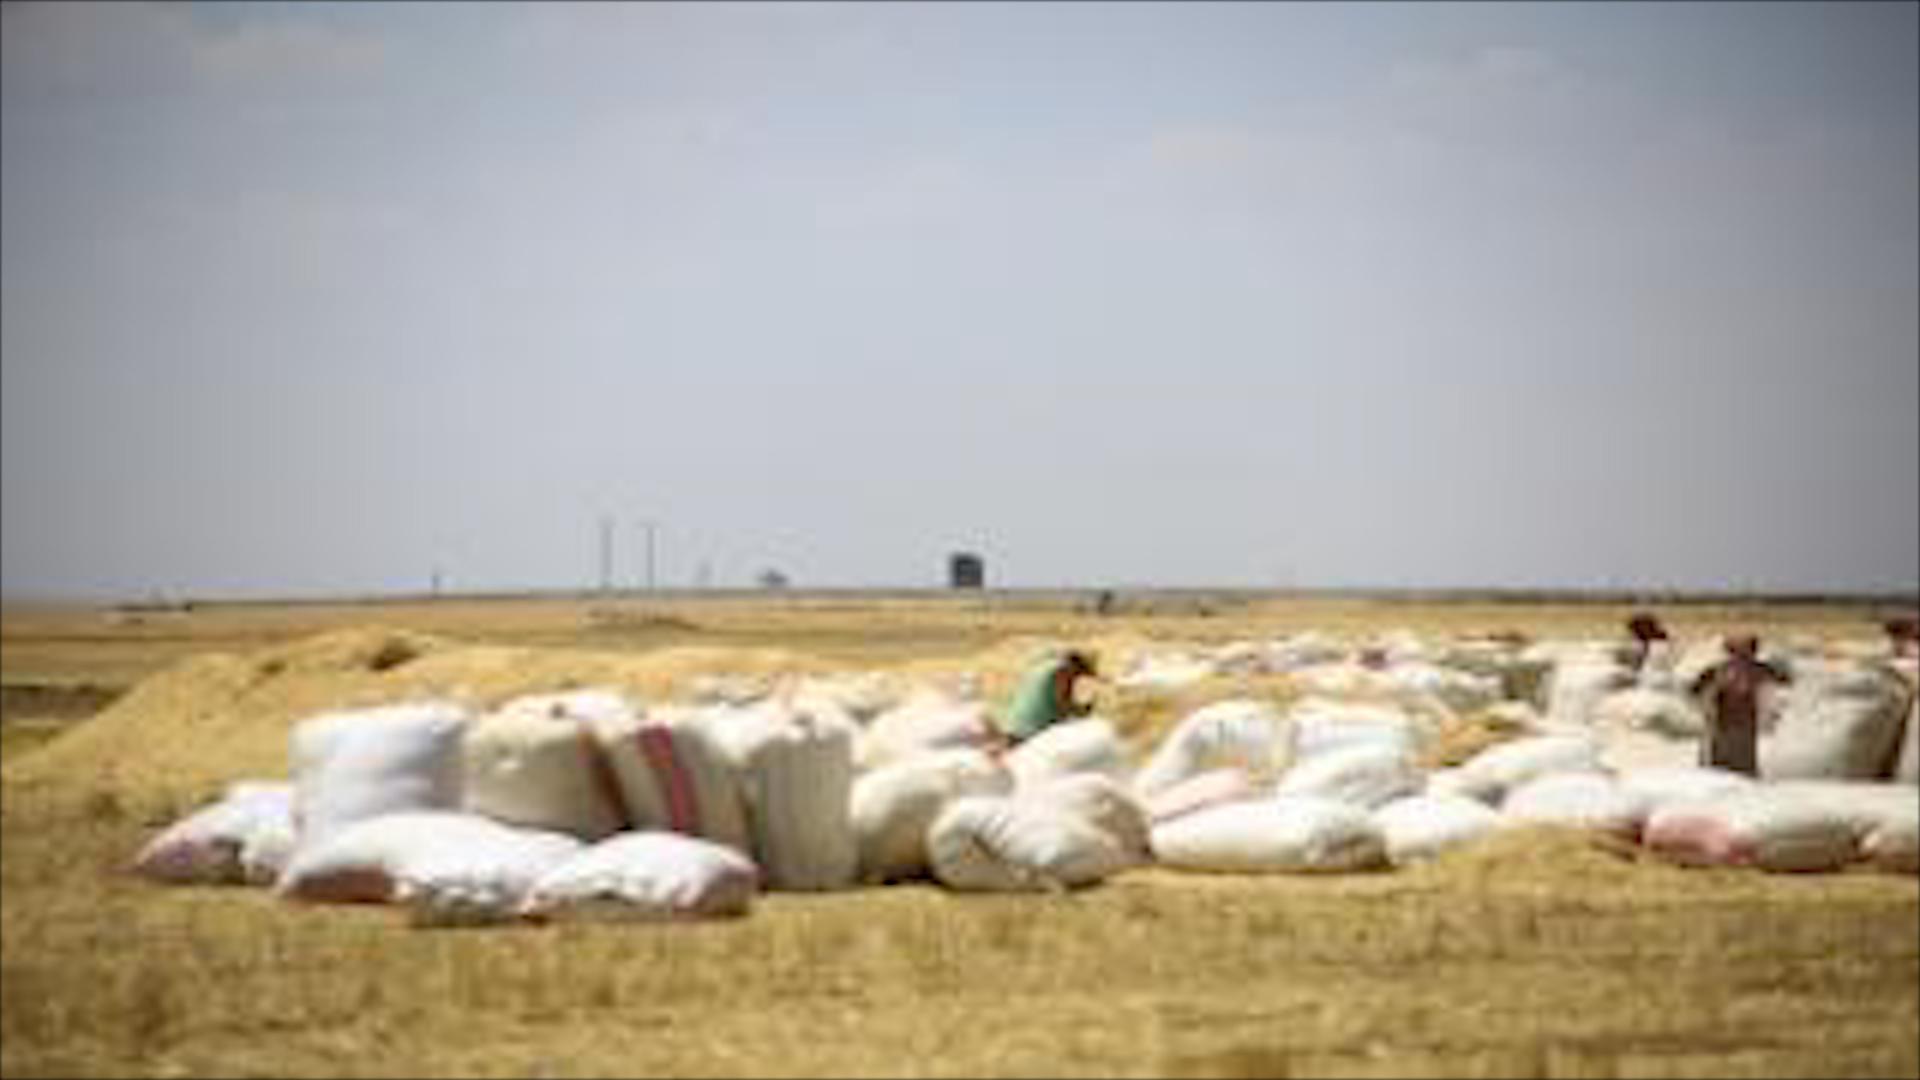 صورة الاحتلال التركي يمنع مزارعي تربه سبيه من زراعة وحصاد أرضهم